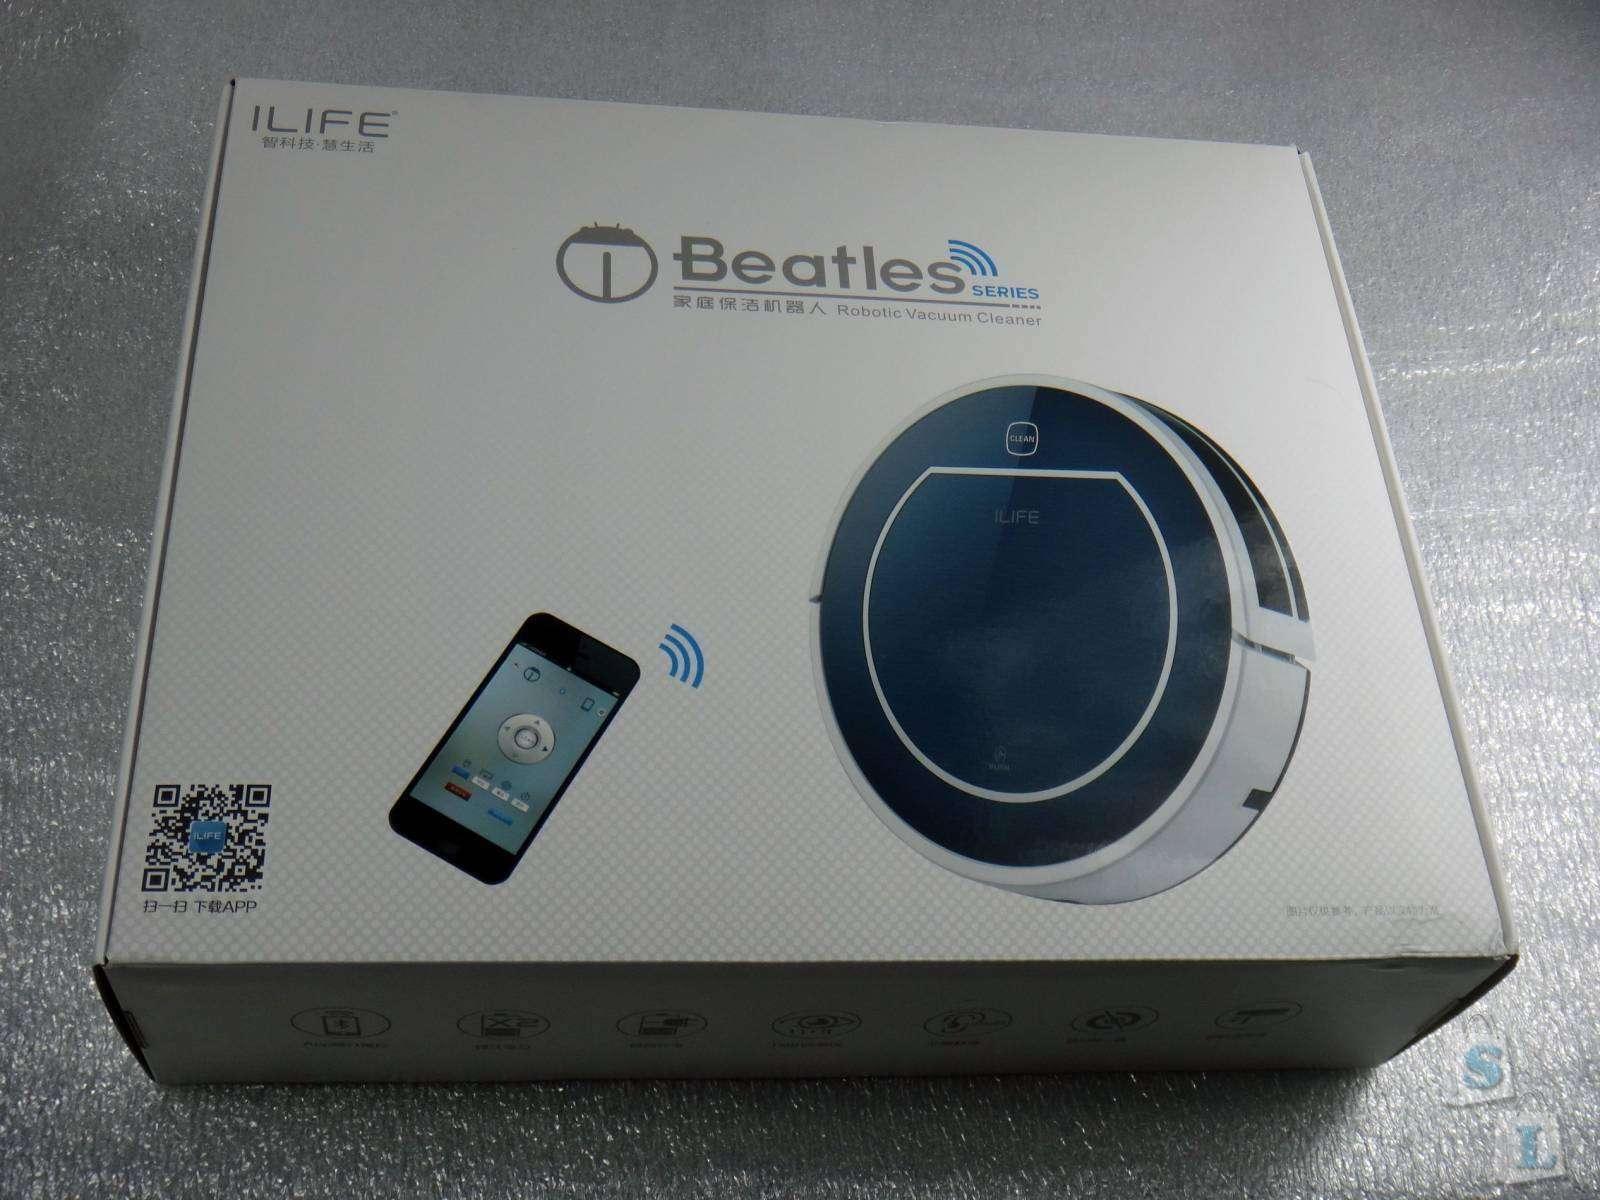 GearBest: Chuwi ILIFE V7- обзор робота пылесоса практически идеального для домашних нужд